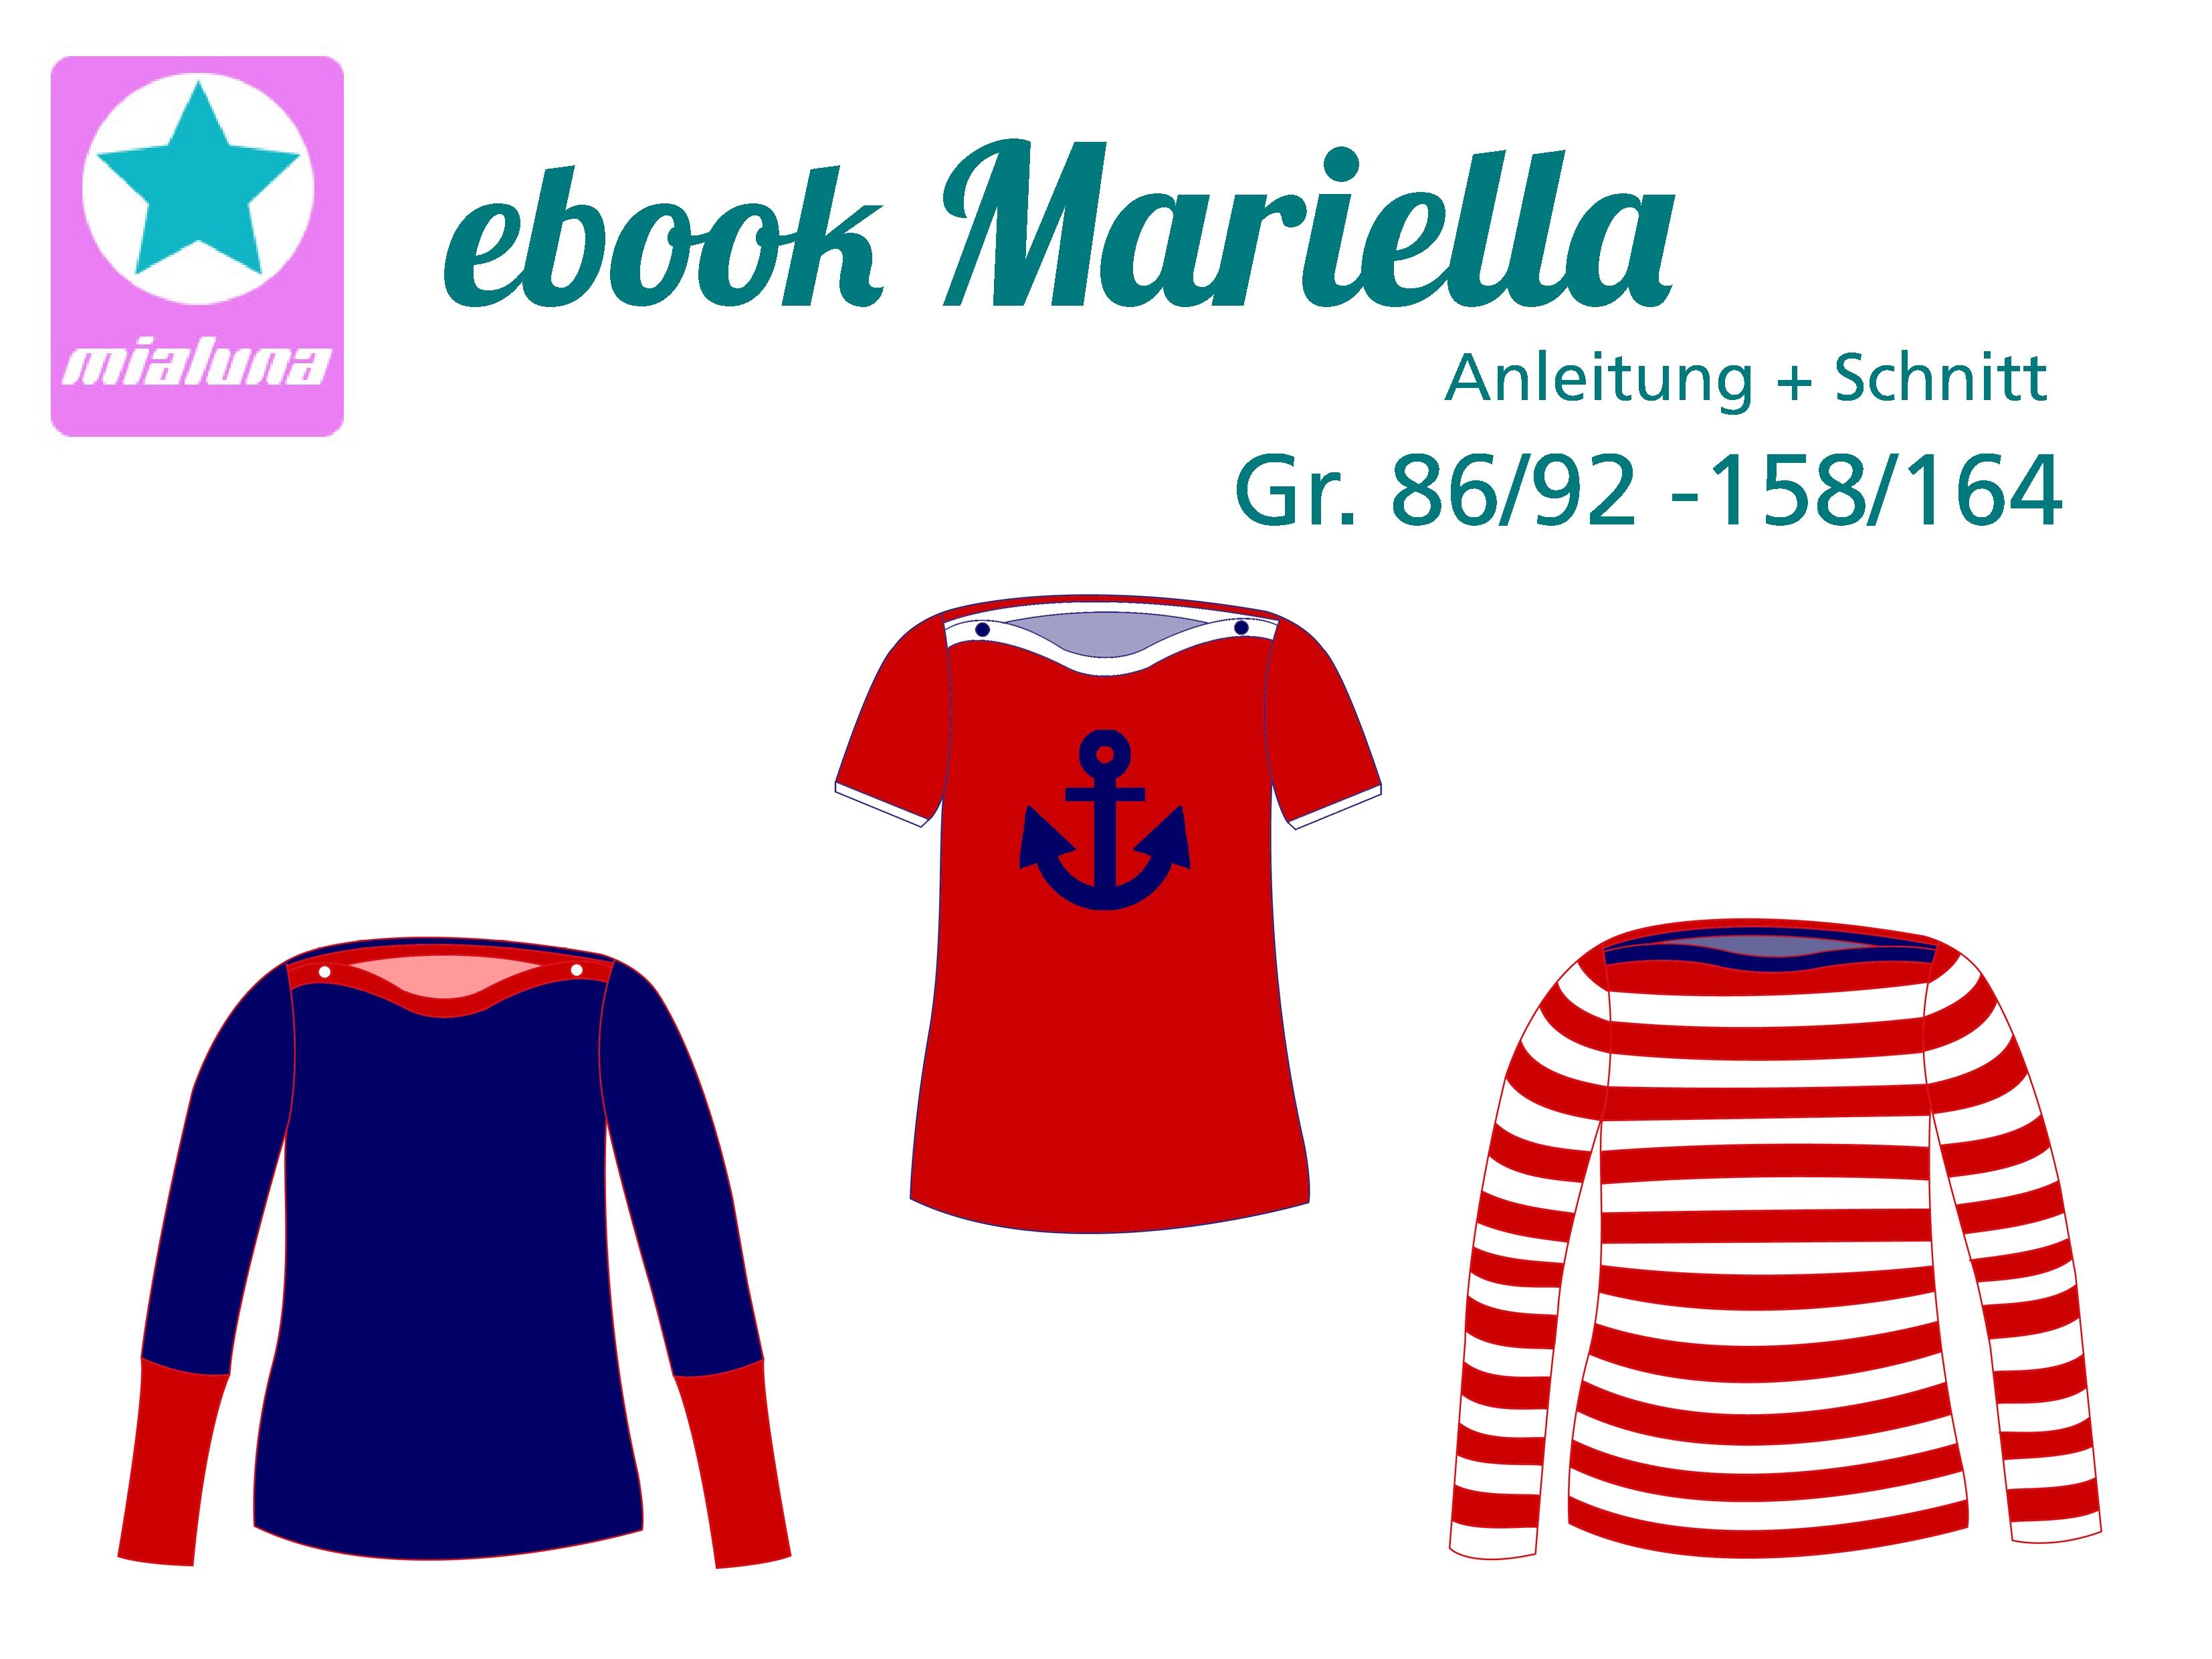 mialuna - Ebook Shirt Mariella Gr. 86/92- 158/164